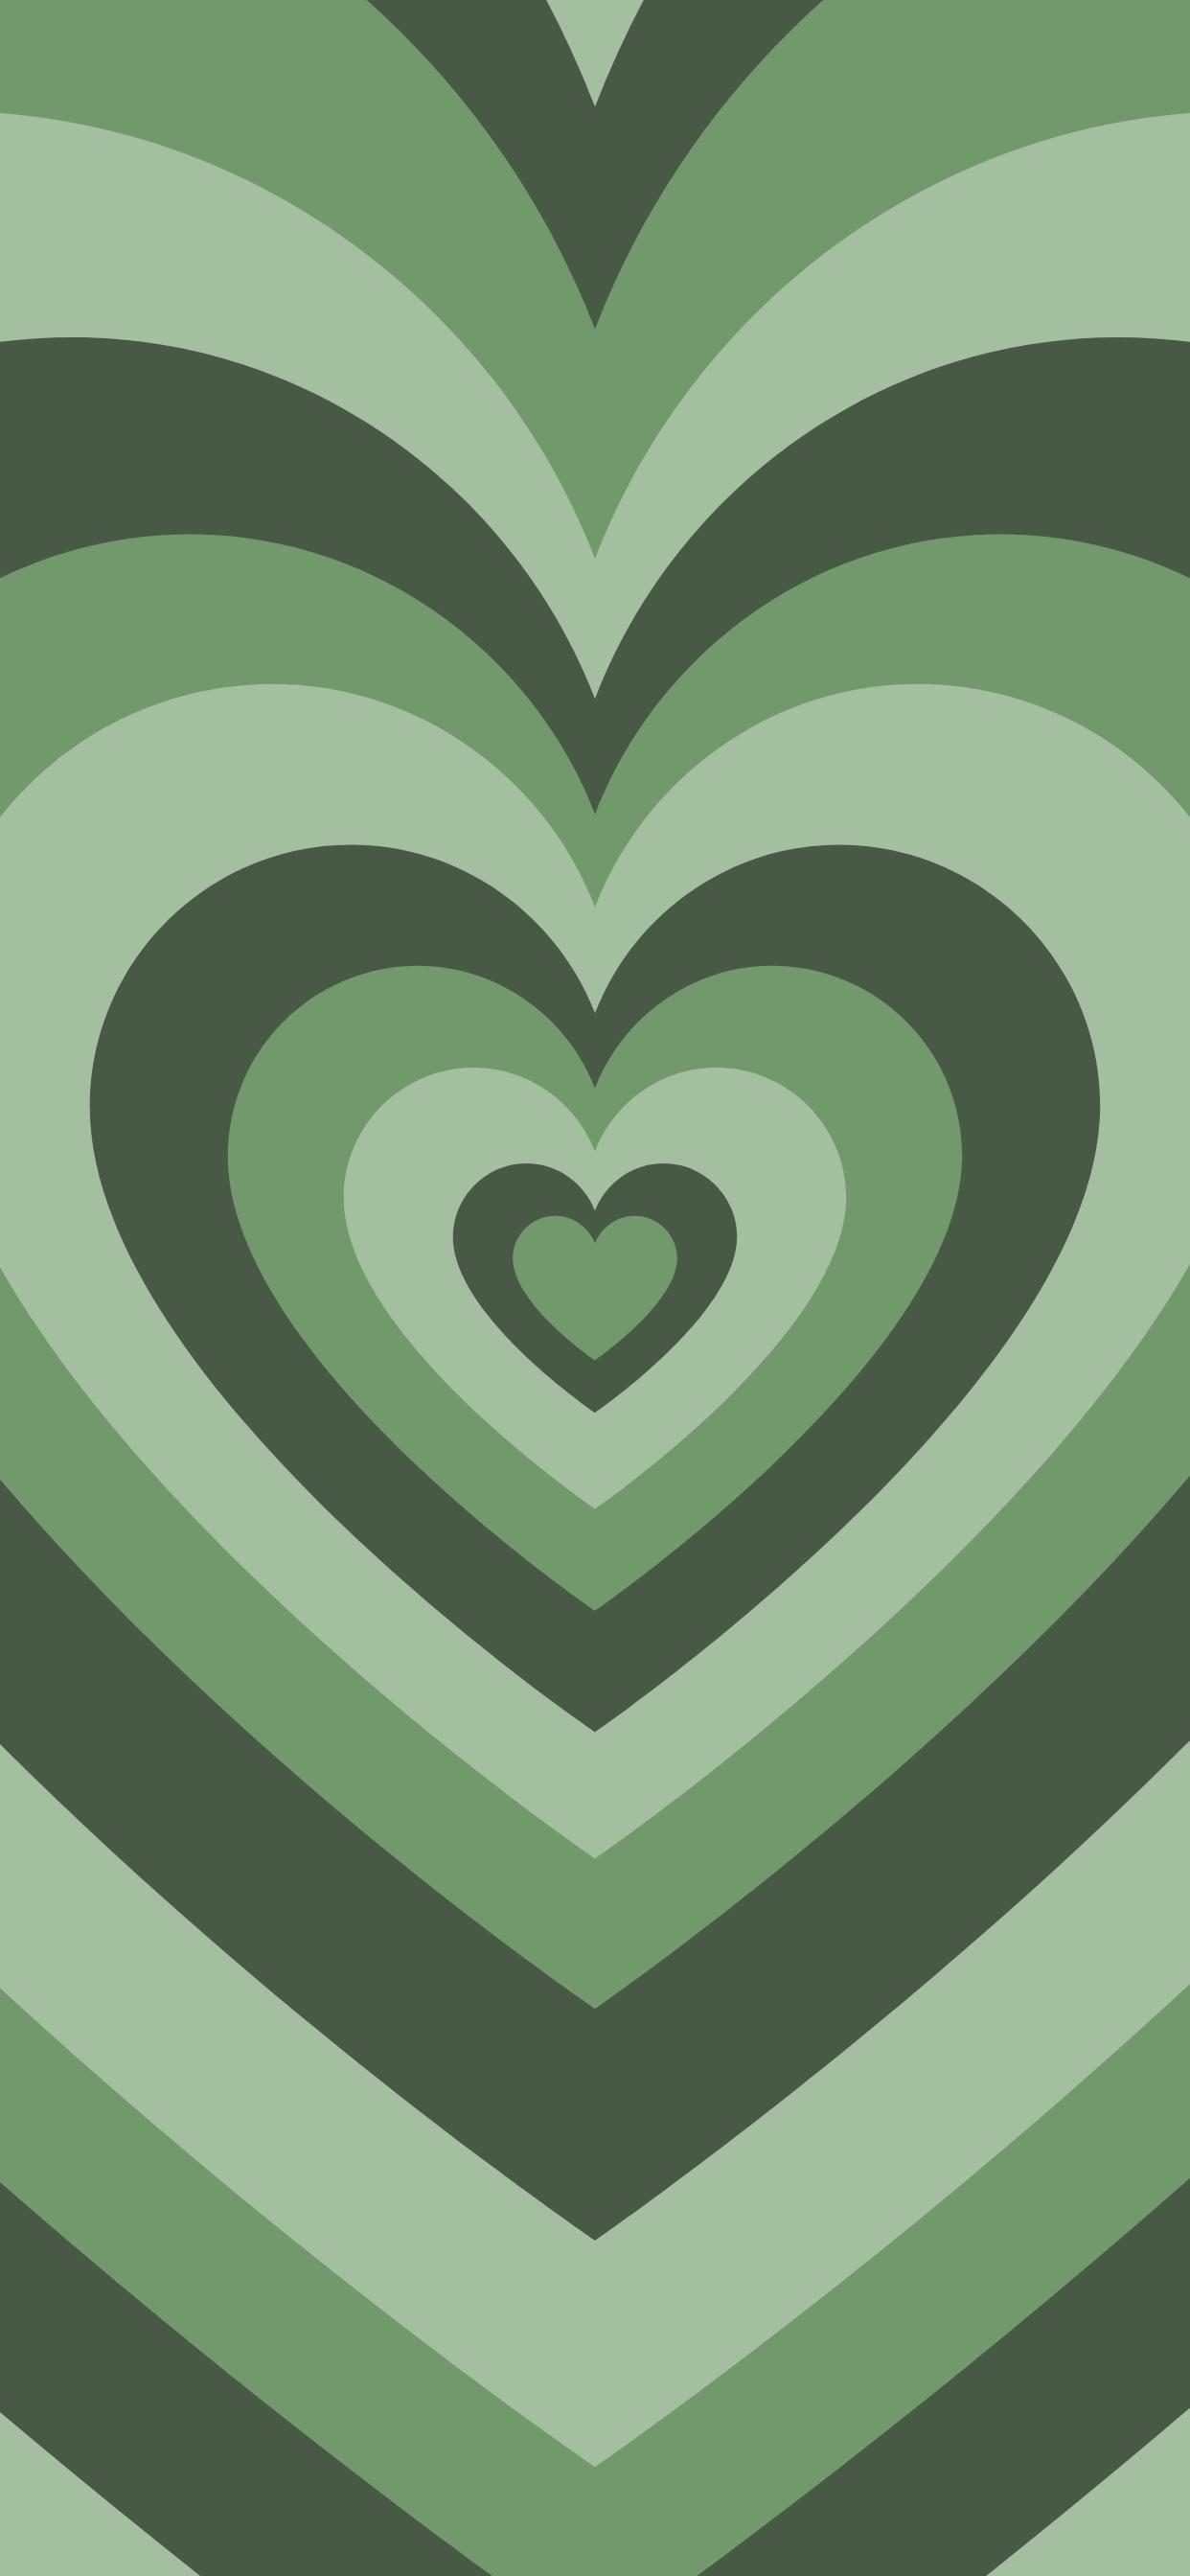 Nov 22, 2020· original resolution: sage green hearts